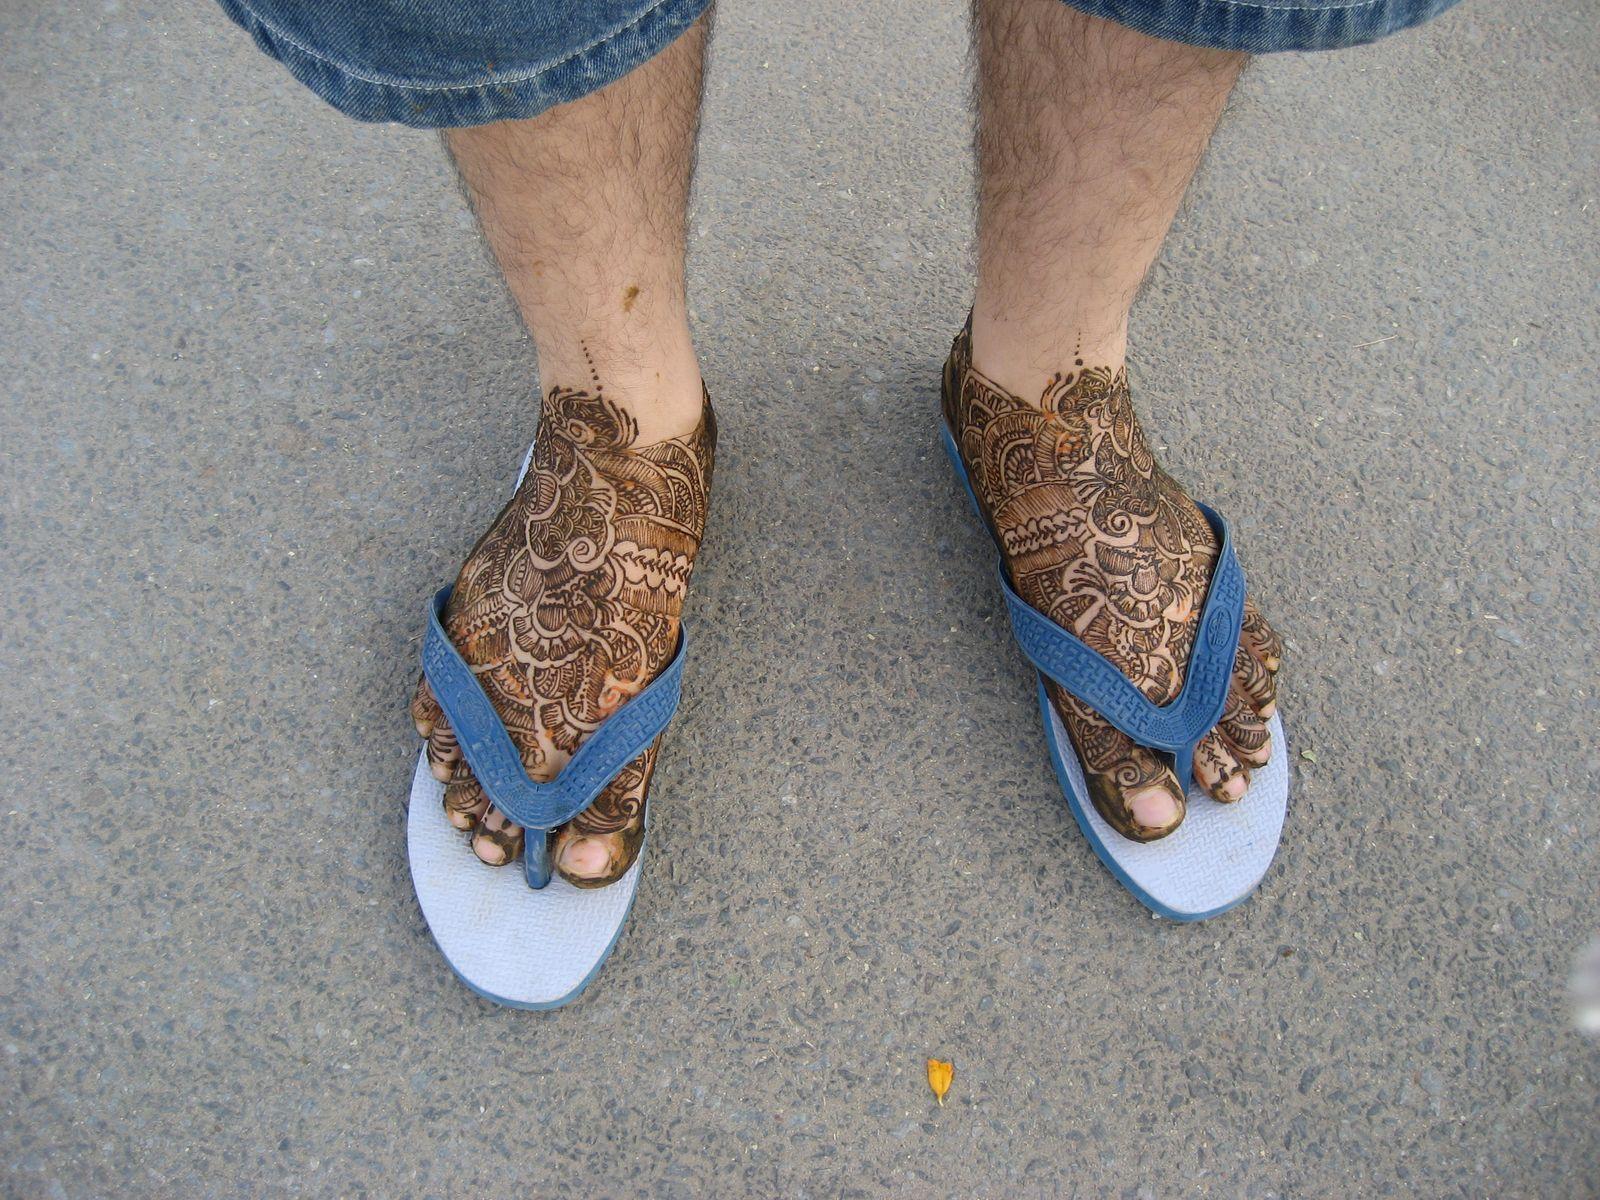 Mehndi Ankle Boots : Groom feet legs mehndi henna designs bridegroom